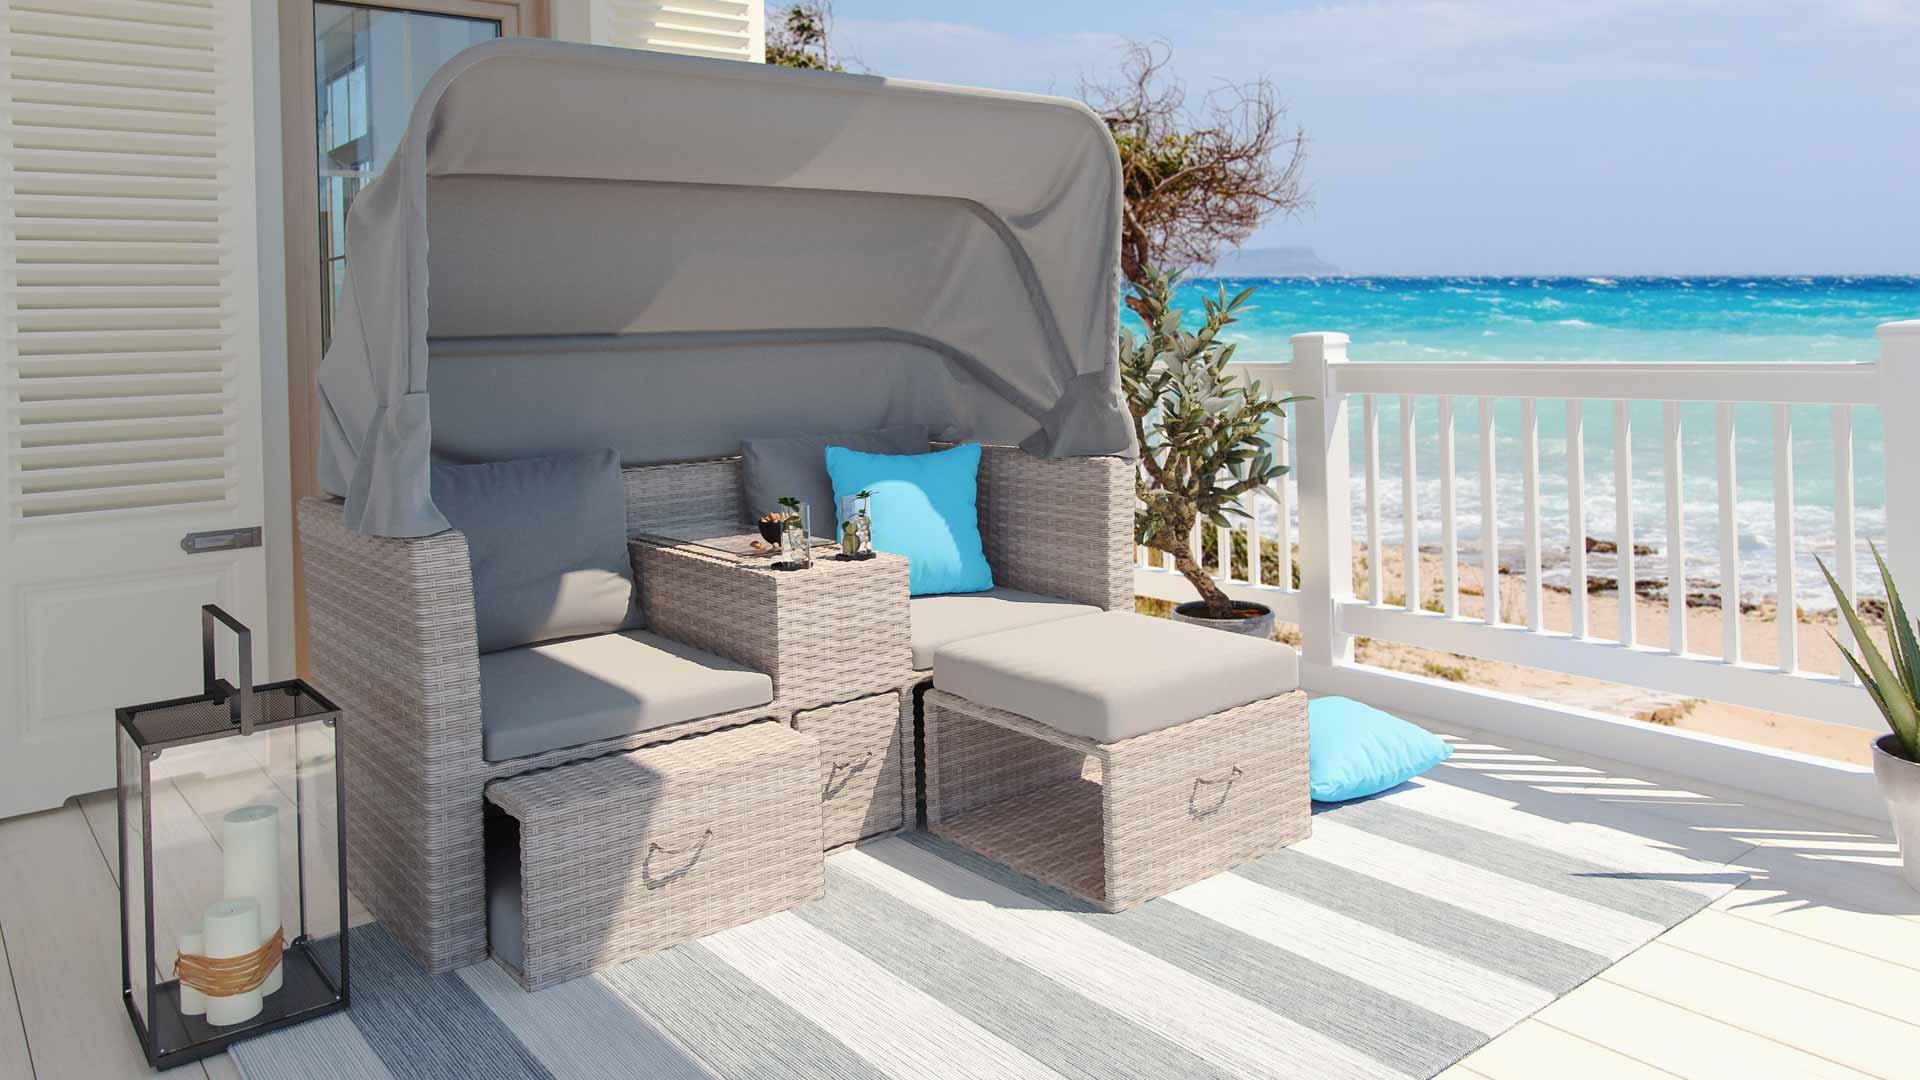 artelia jetzt die polyrattan sonneninsel kaufen. Black Bedroom Furniture Sets. Home Design Ideas